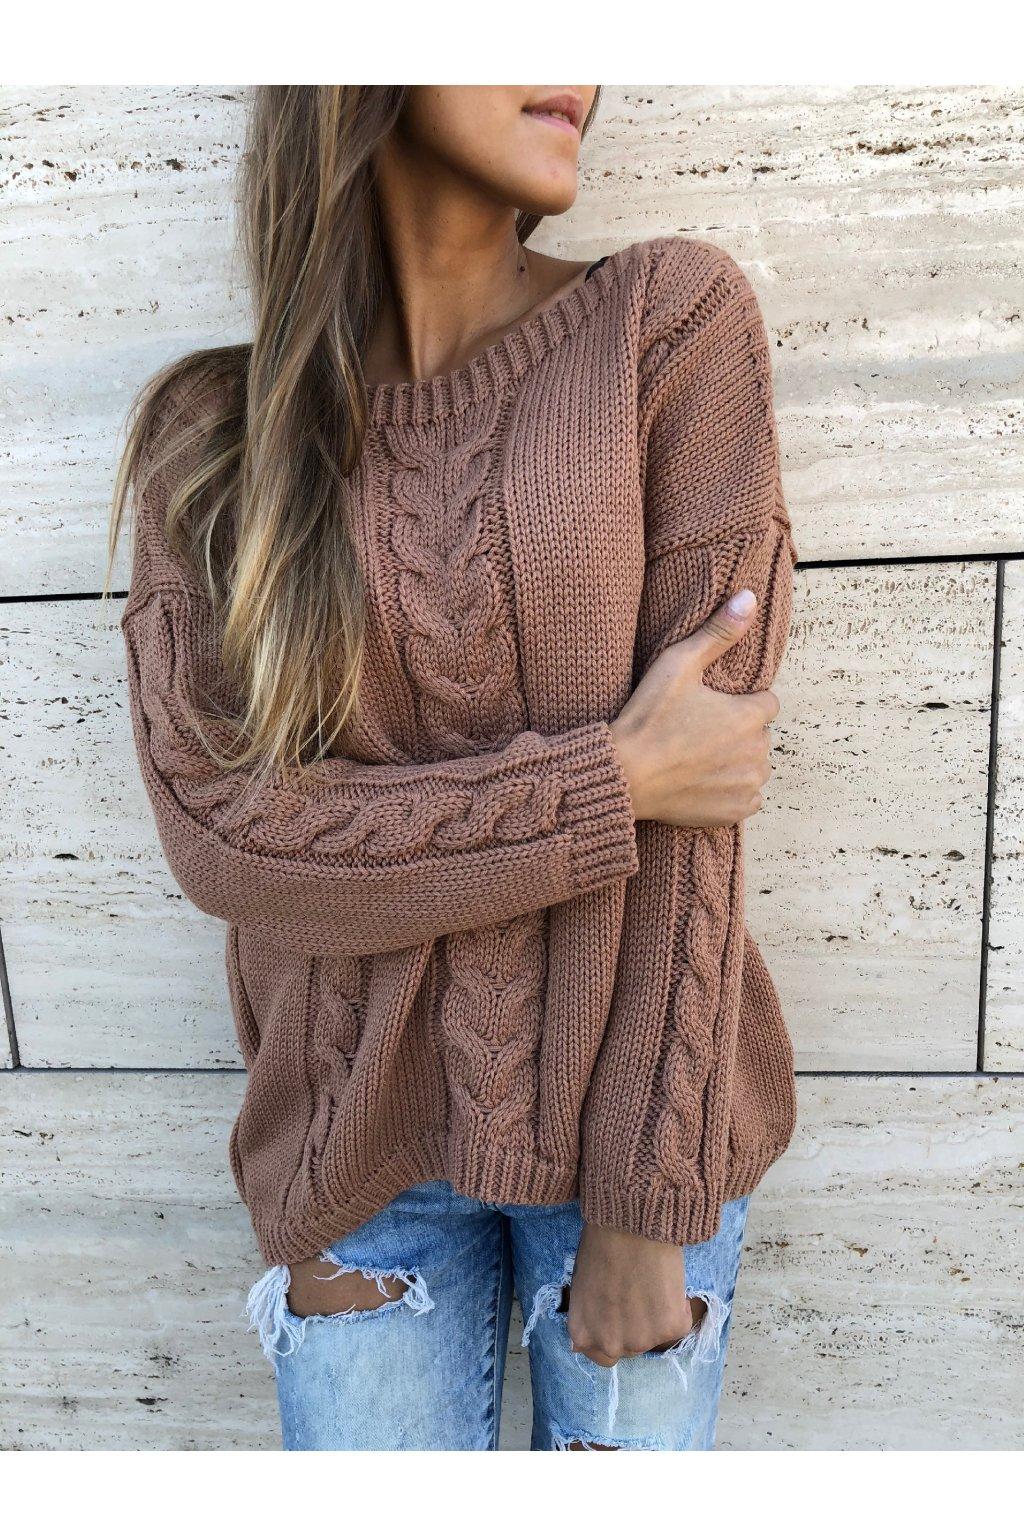 damsky svetr s copankovym vzorem caramel eshopat cz 1